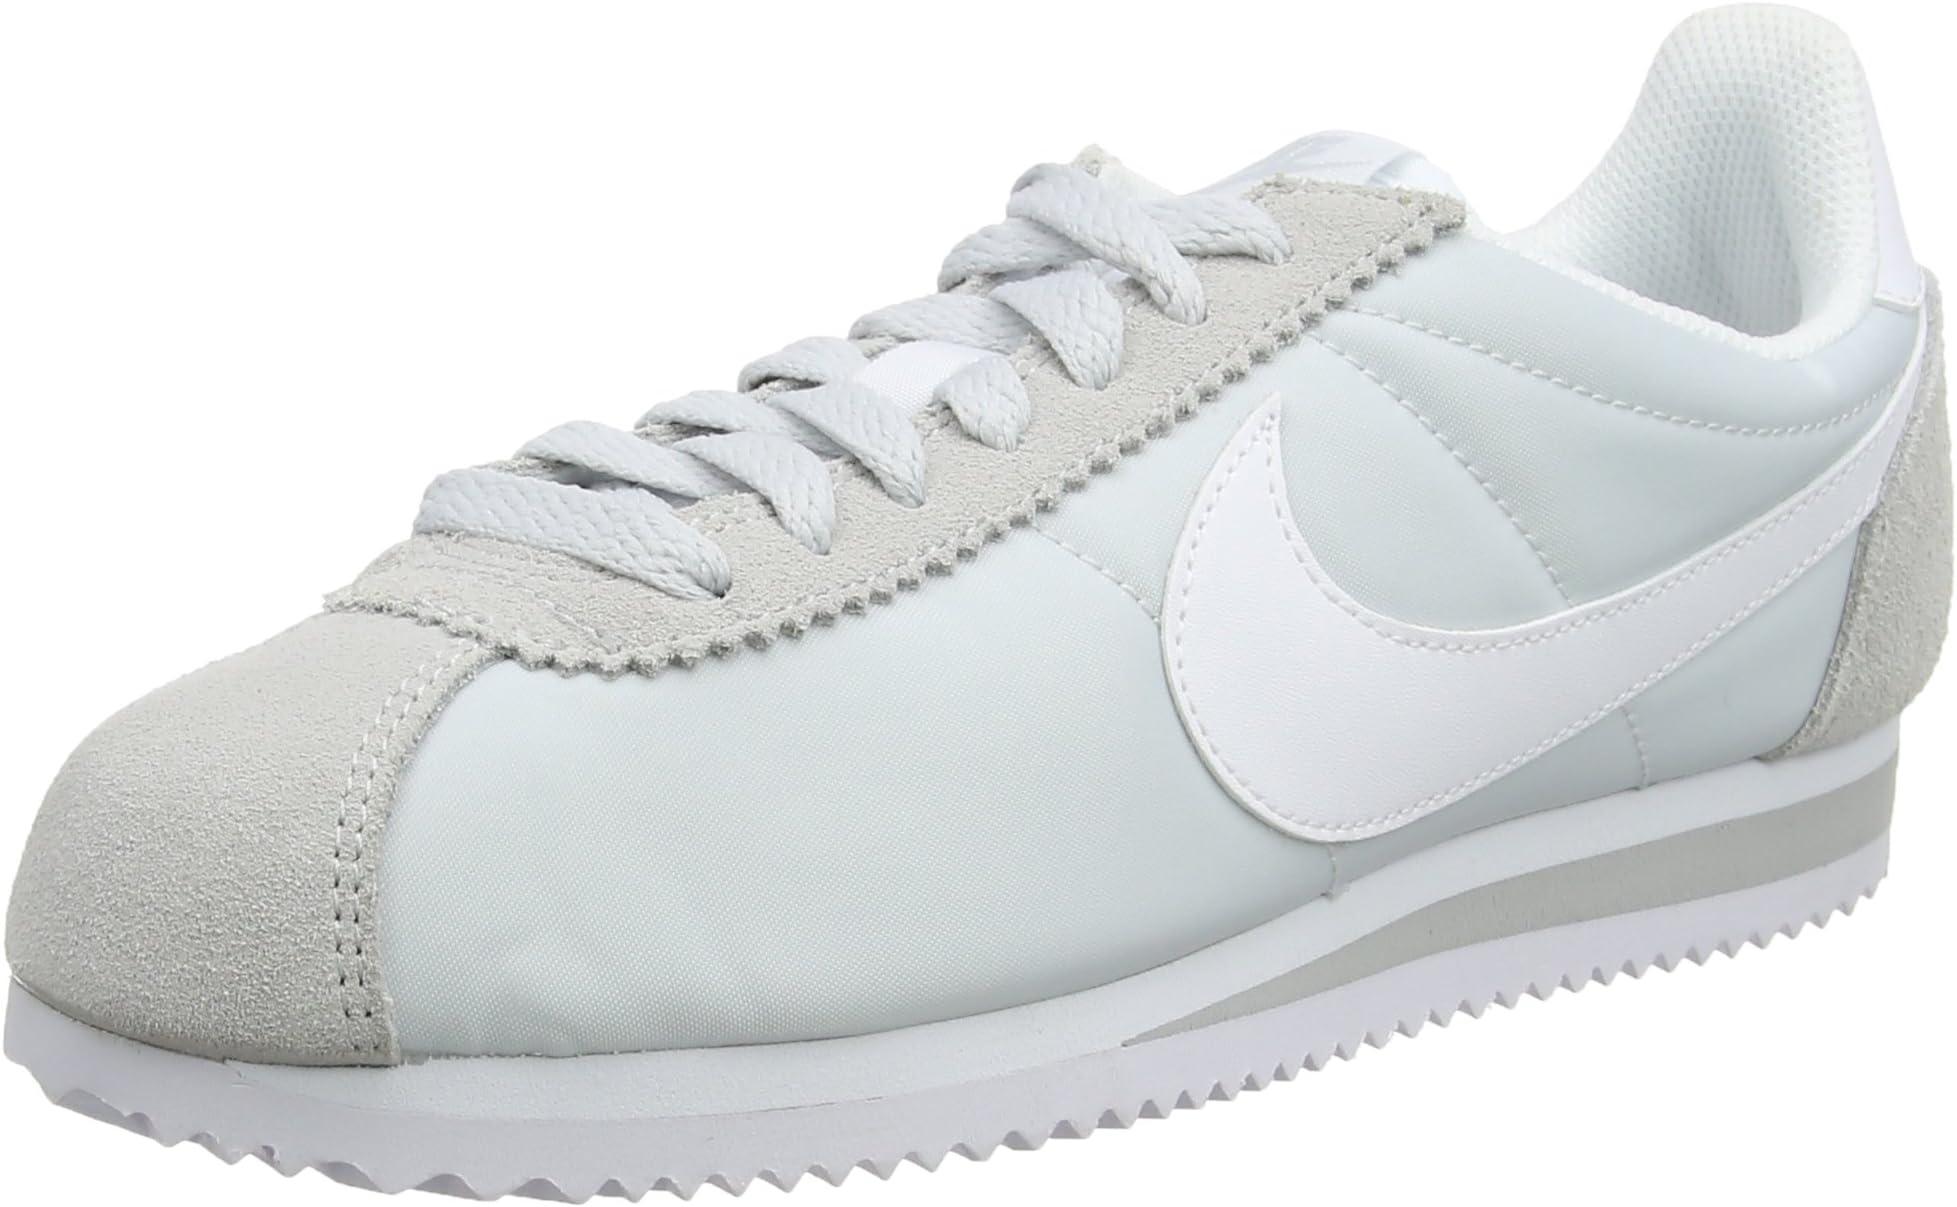 nike women's classic cortez shoes